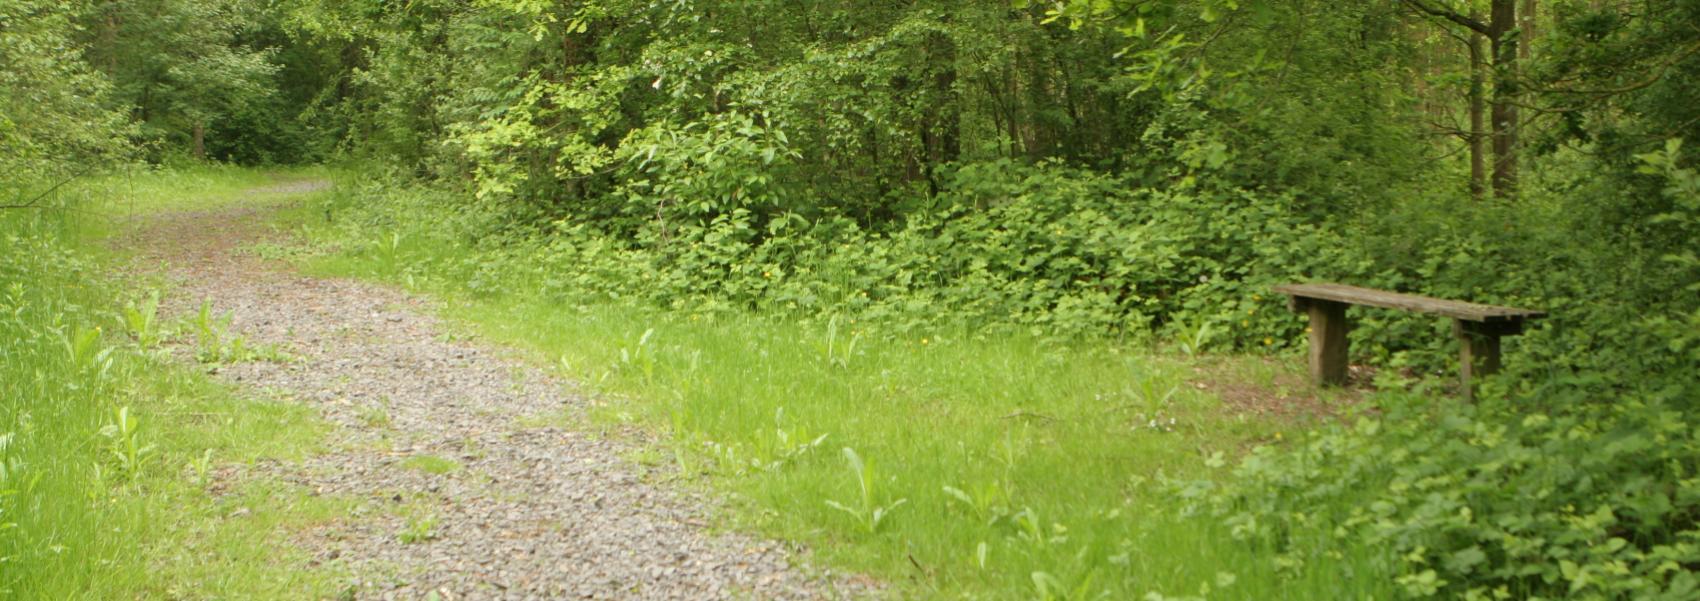 een paadje in het bos